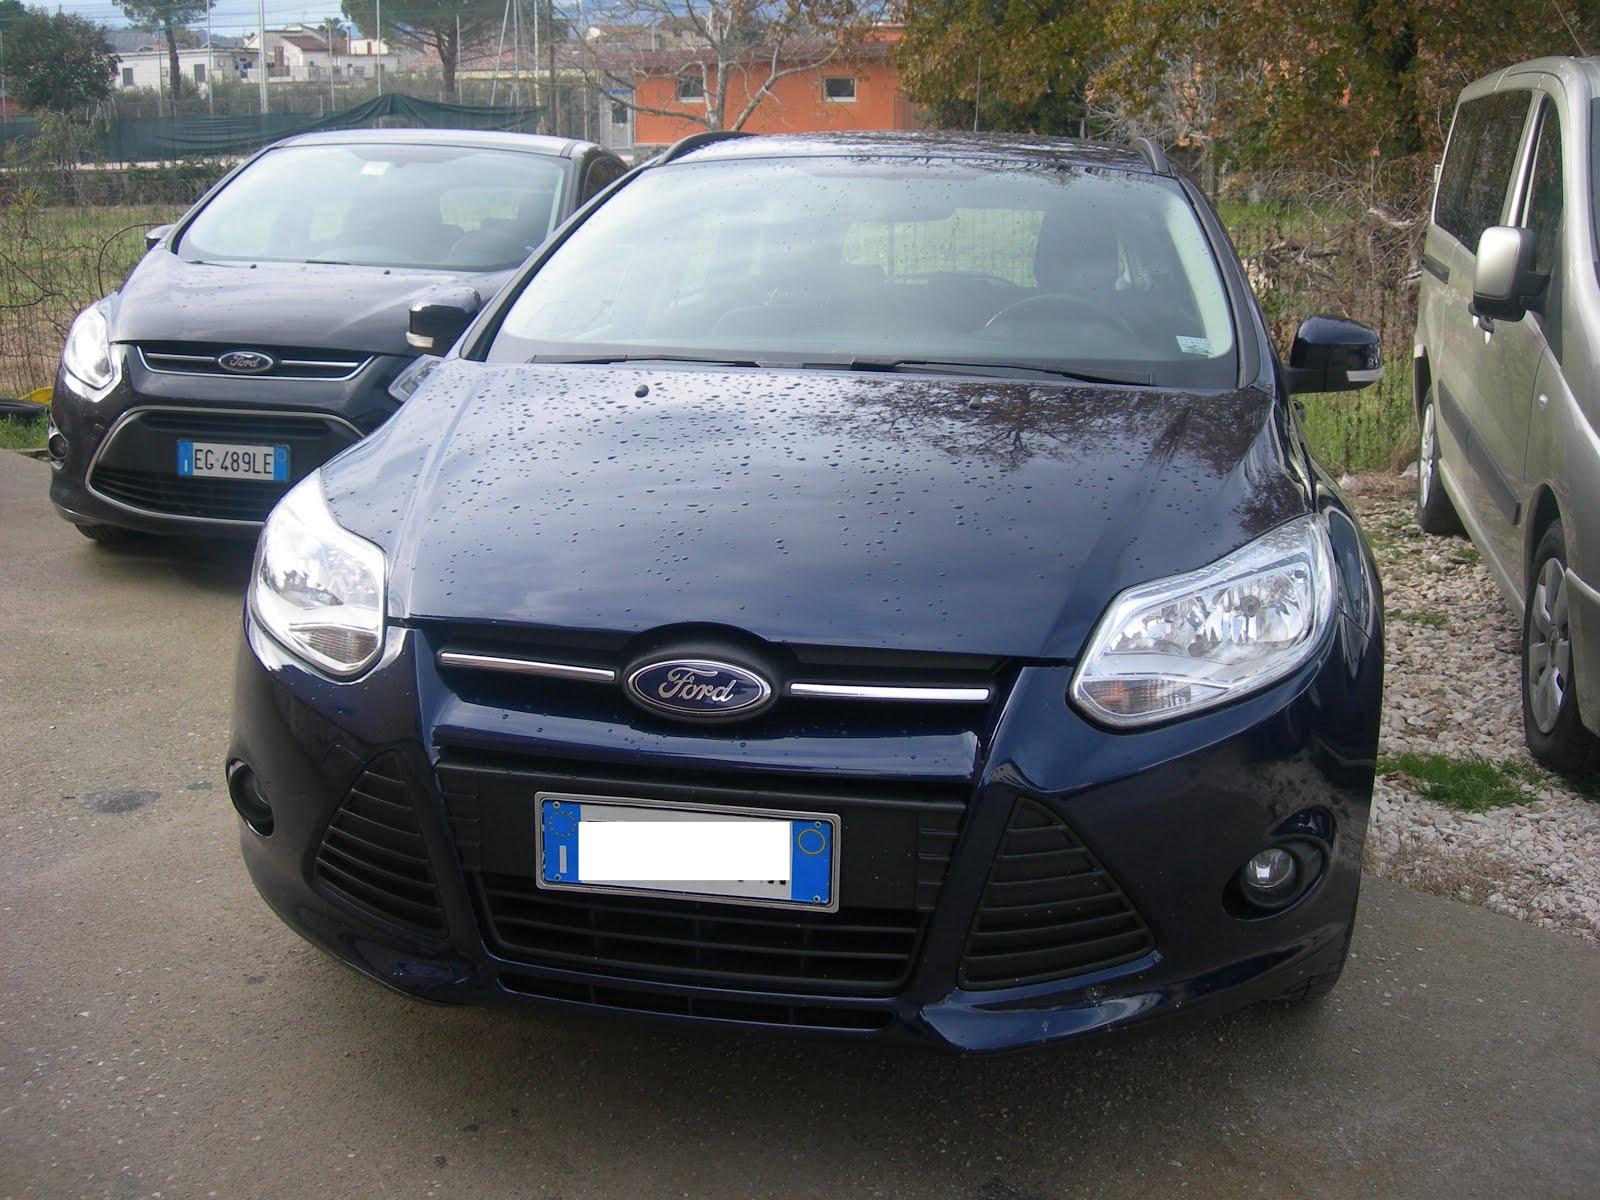 FORD FOCUS 1.6 Tdci 95 CV IMMATRICOLAZIONE 2012 90.000 KM ACCESS: FULLOPTIONAL PREZZO 8.500,00 EURO